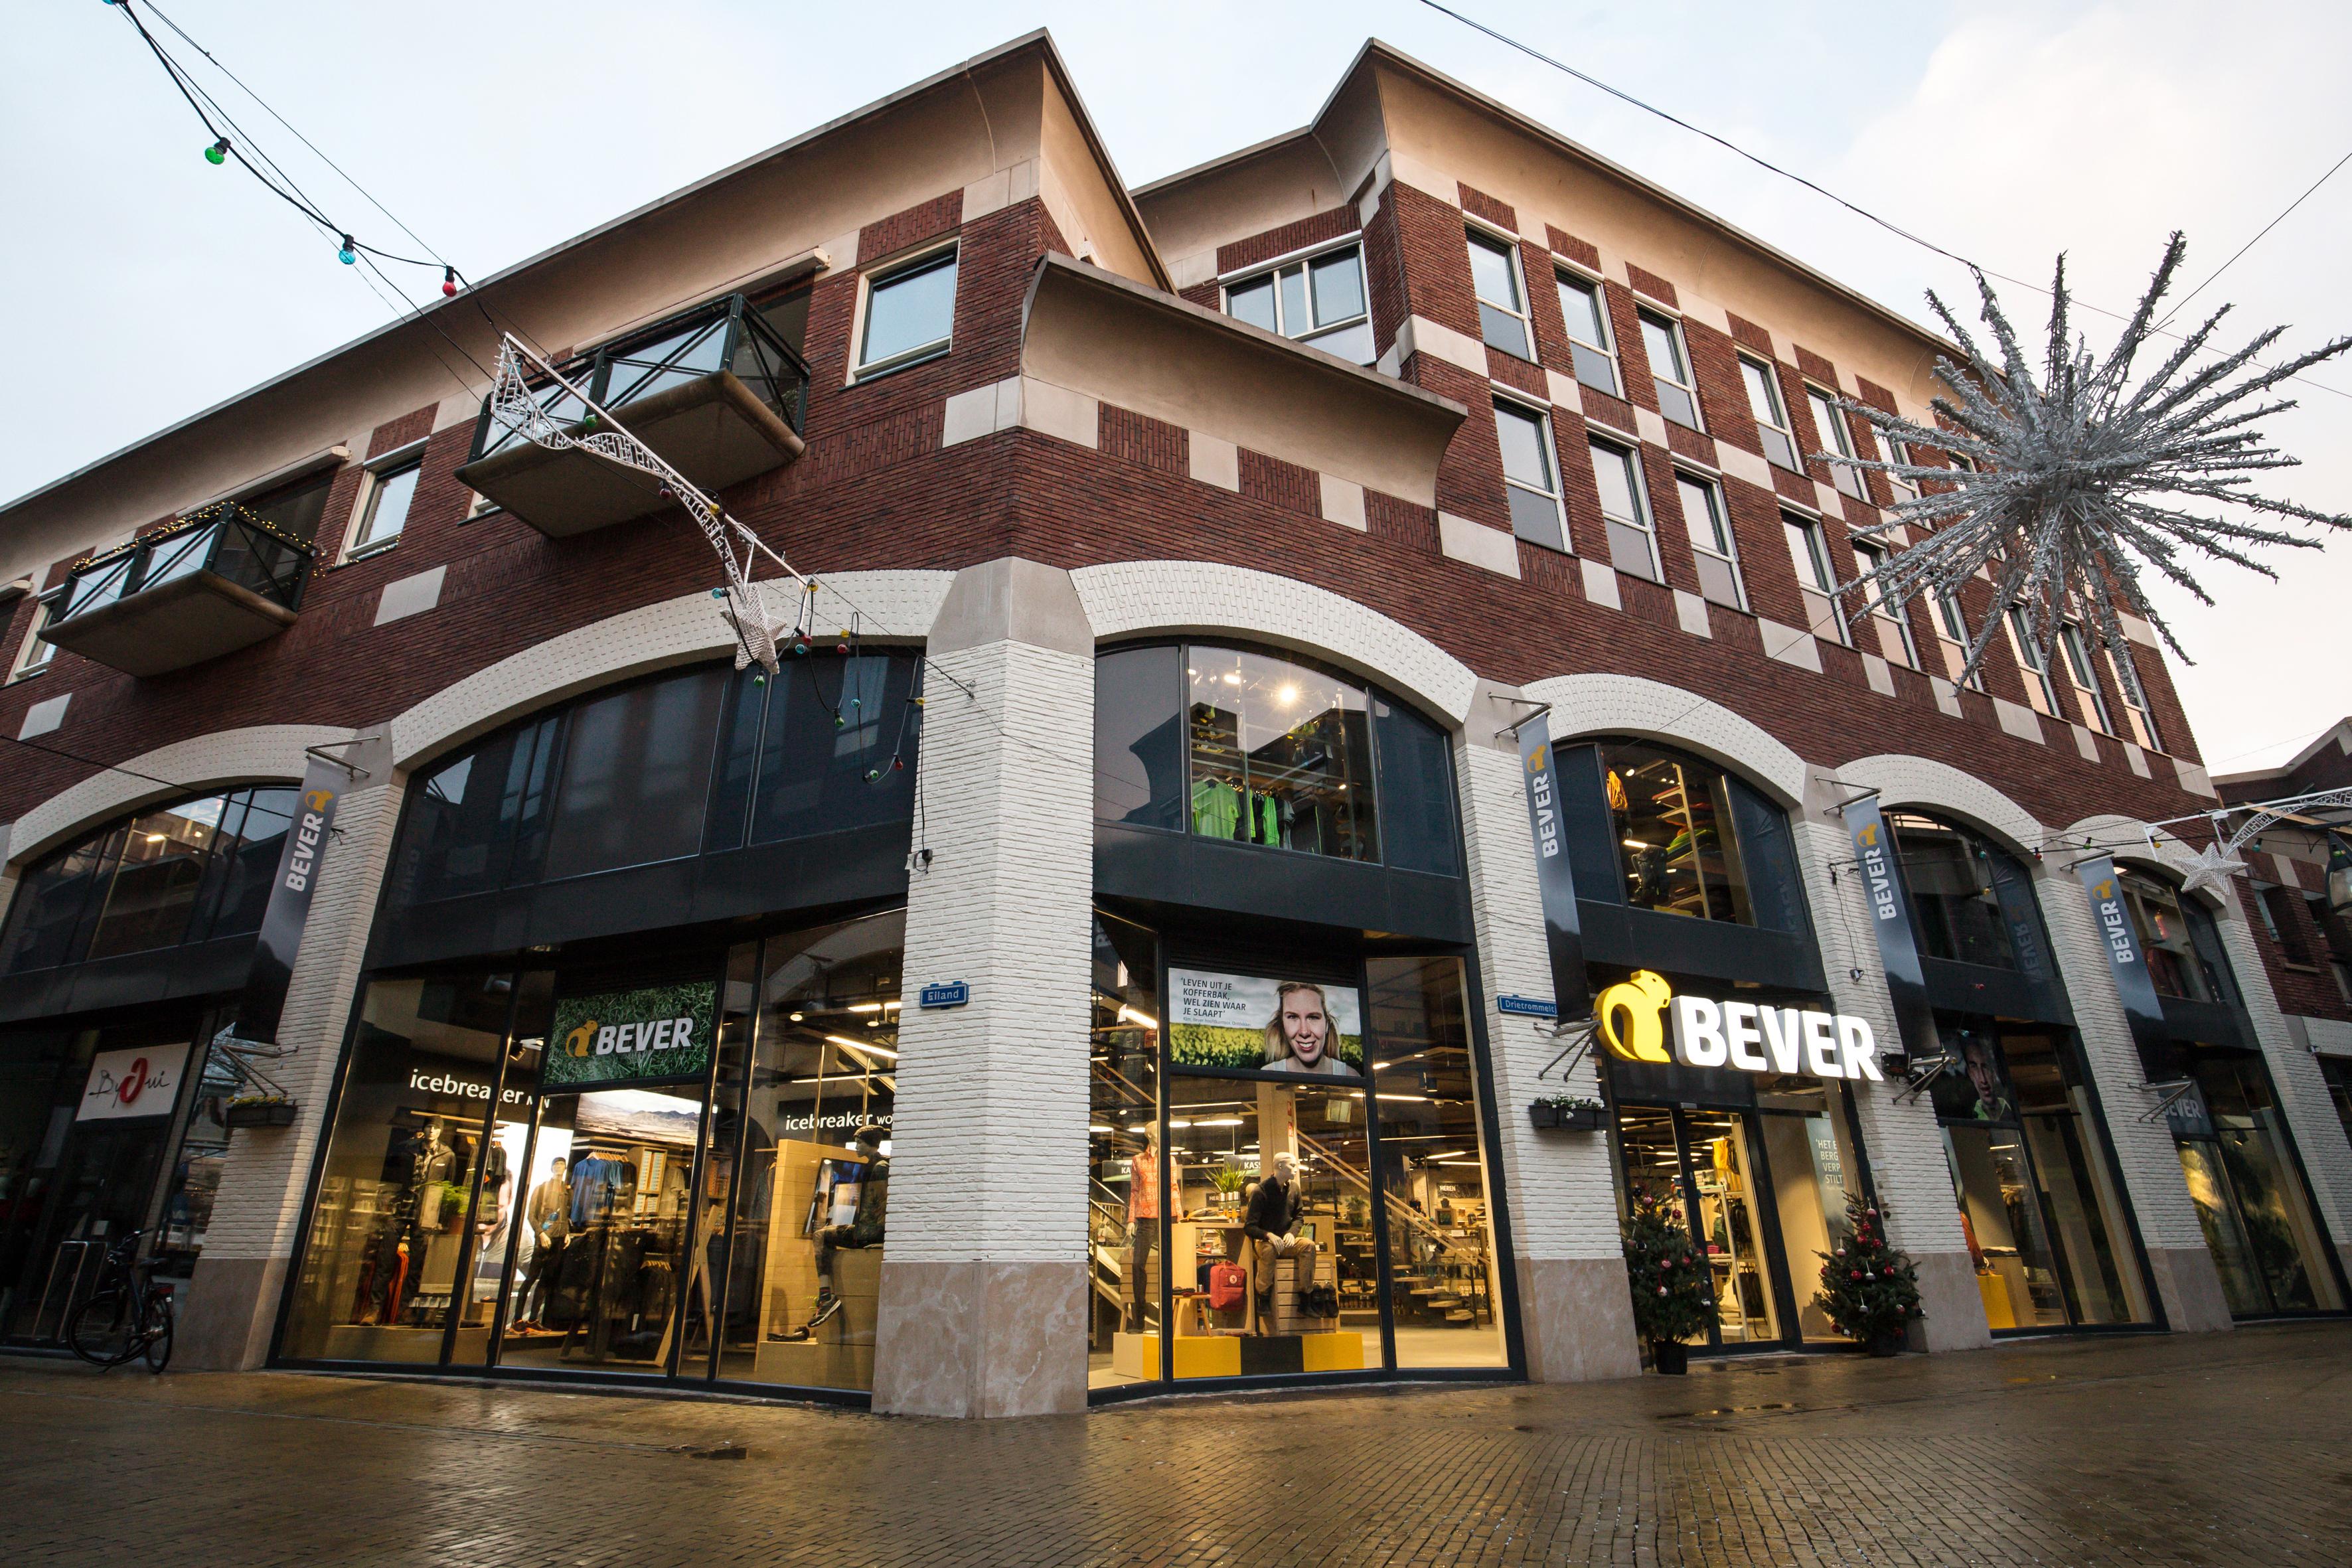 Bever Zwolle | Bekijk de openingstijden van Bever Zwolle | Bever